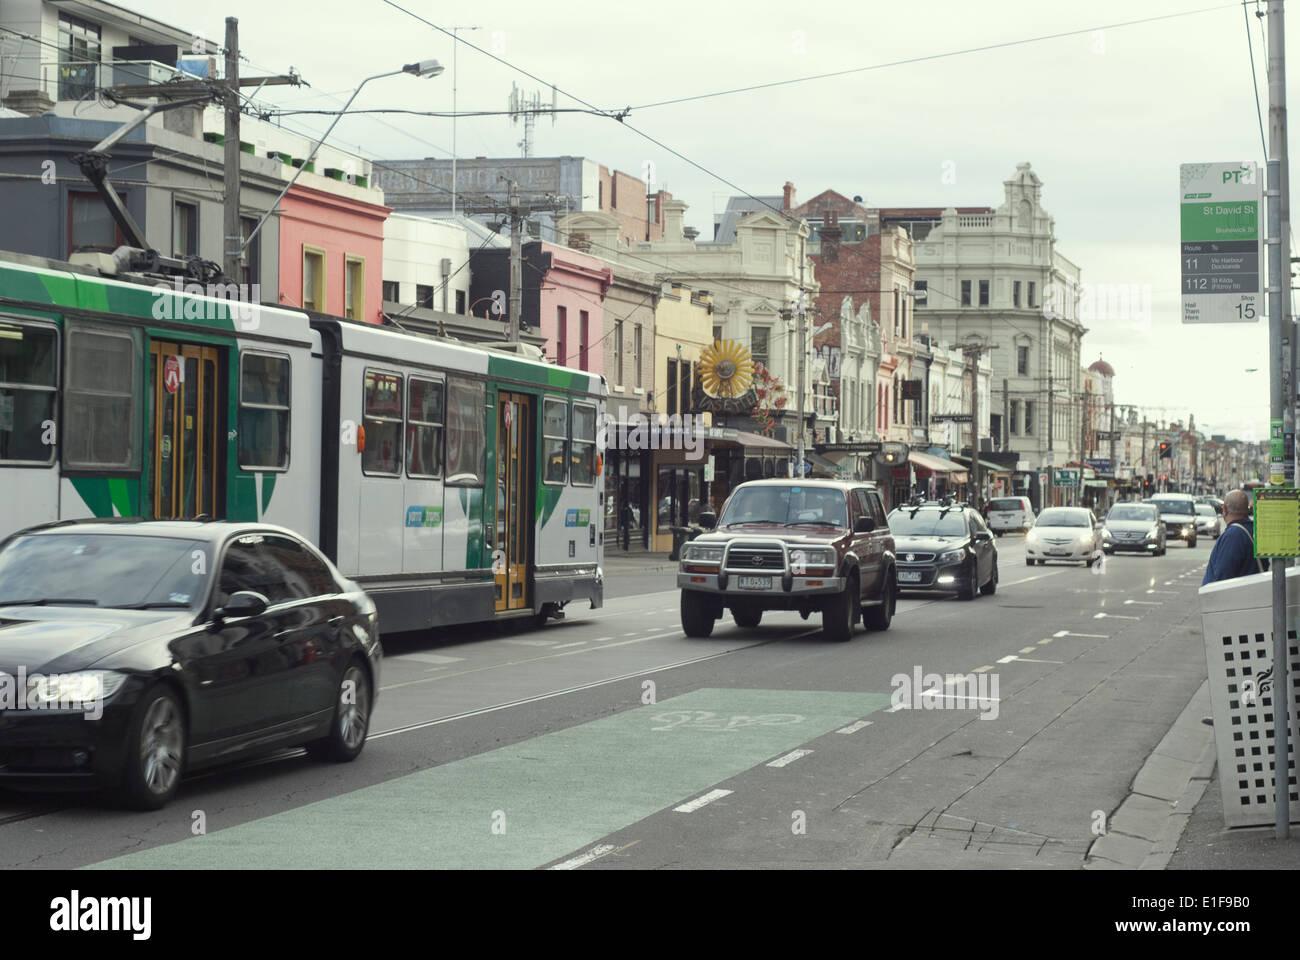 Ir cada mañana al trabajo Brunswick Street Fitzroy Melbourne Australia tráfico y un tranvía Foto de stock